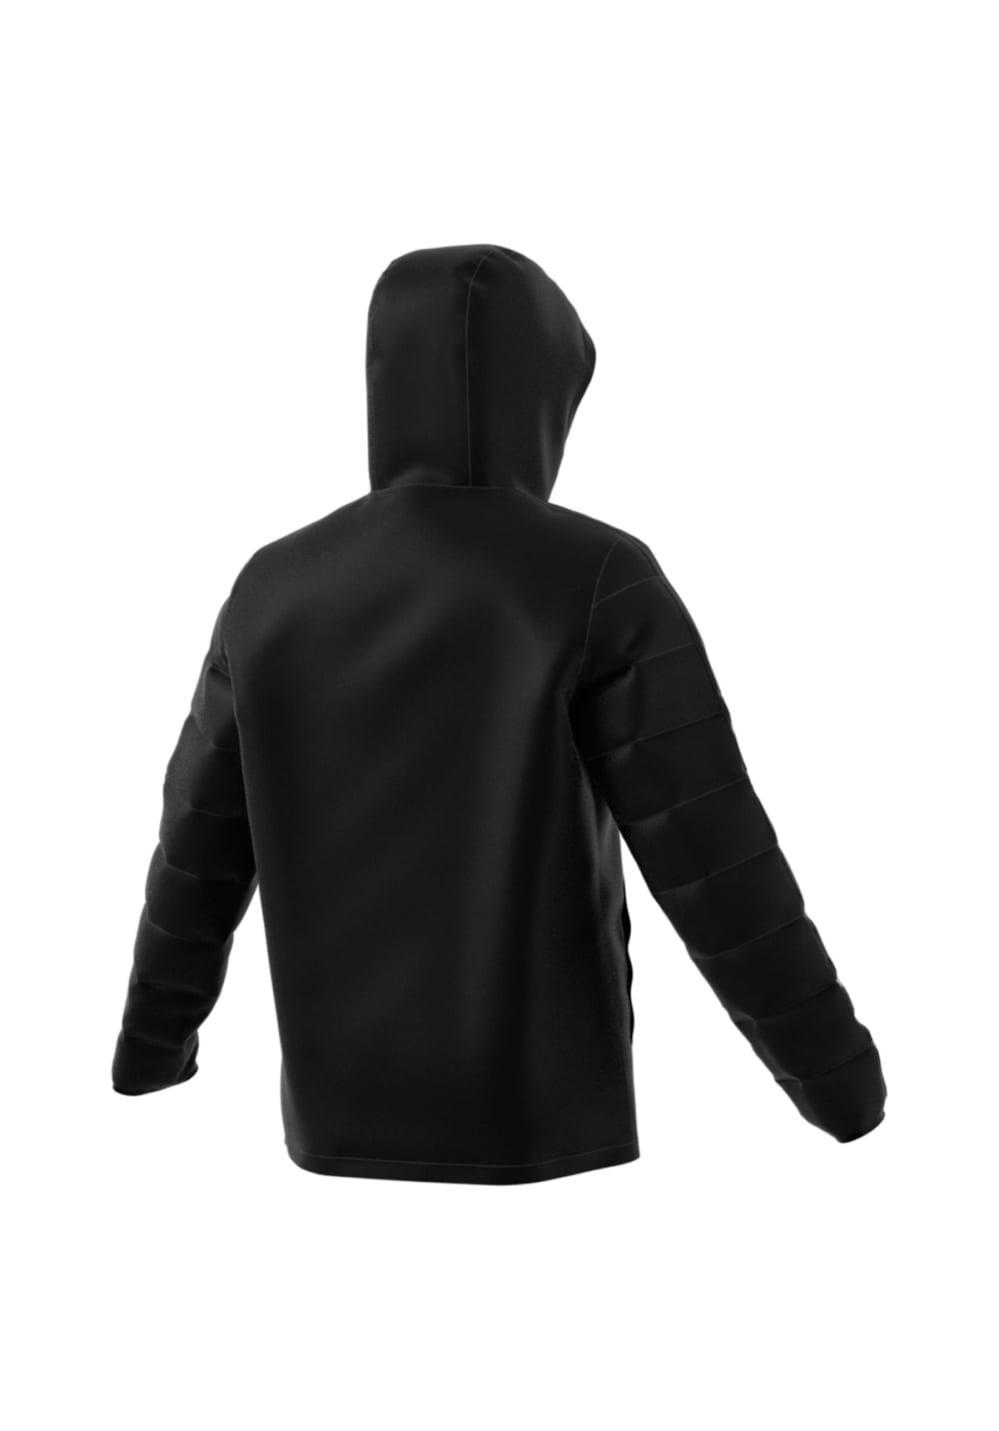 Wintersport Adidas Winterjacke 18 Schwarz Herren Für TFl13cKJ